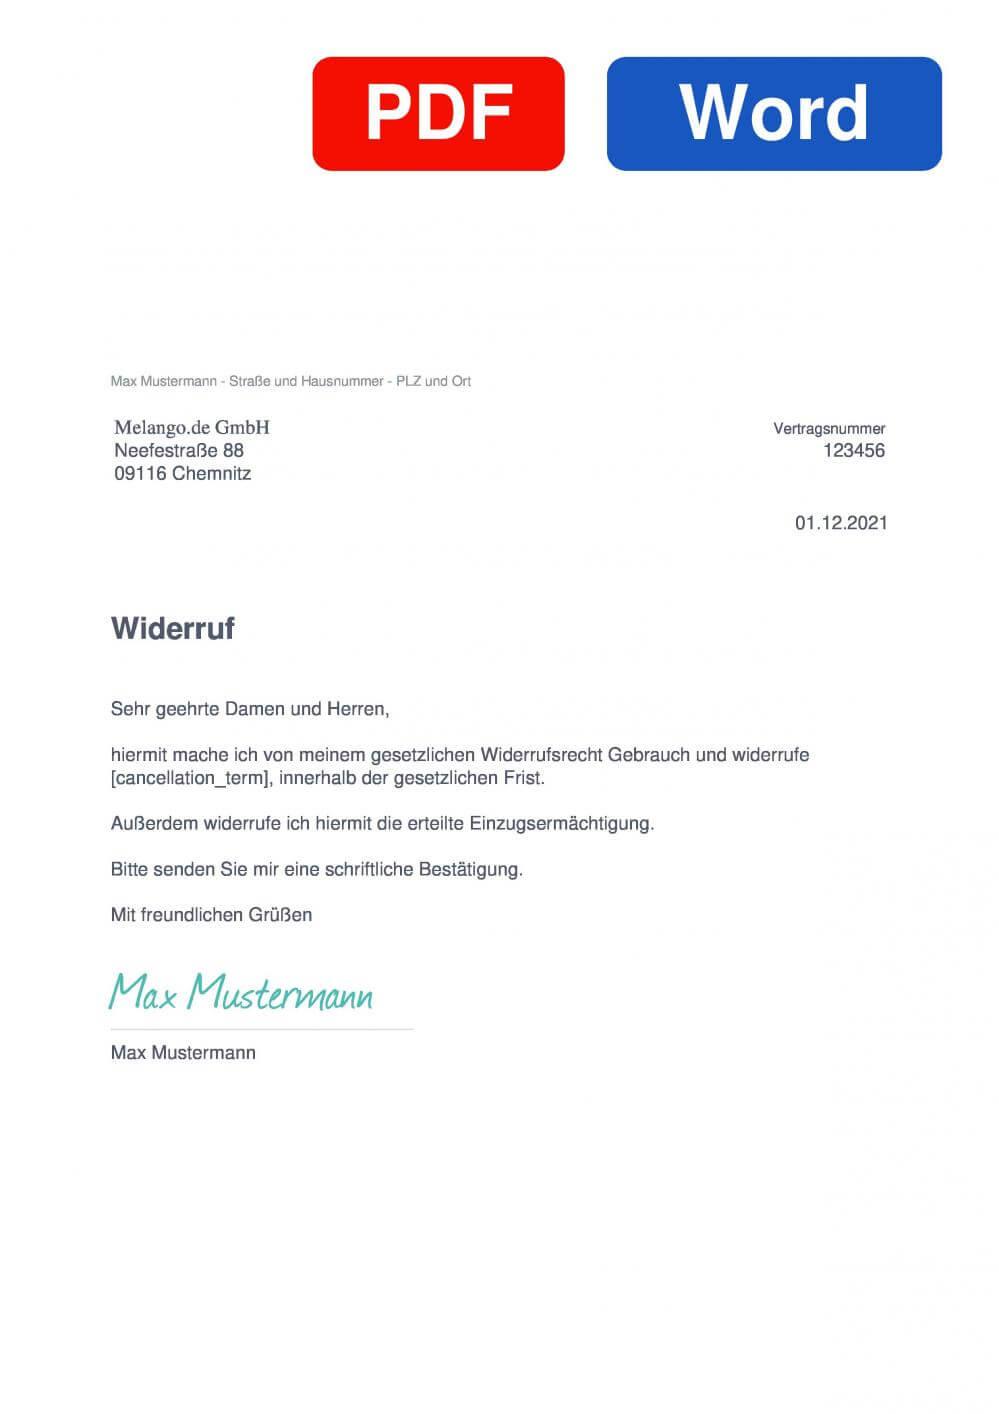 Melango Muster Vorlage für Wiederrufsschreiben